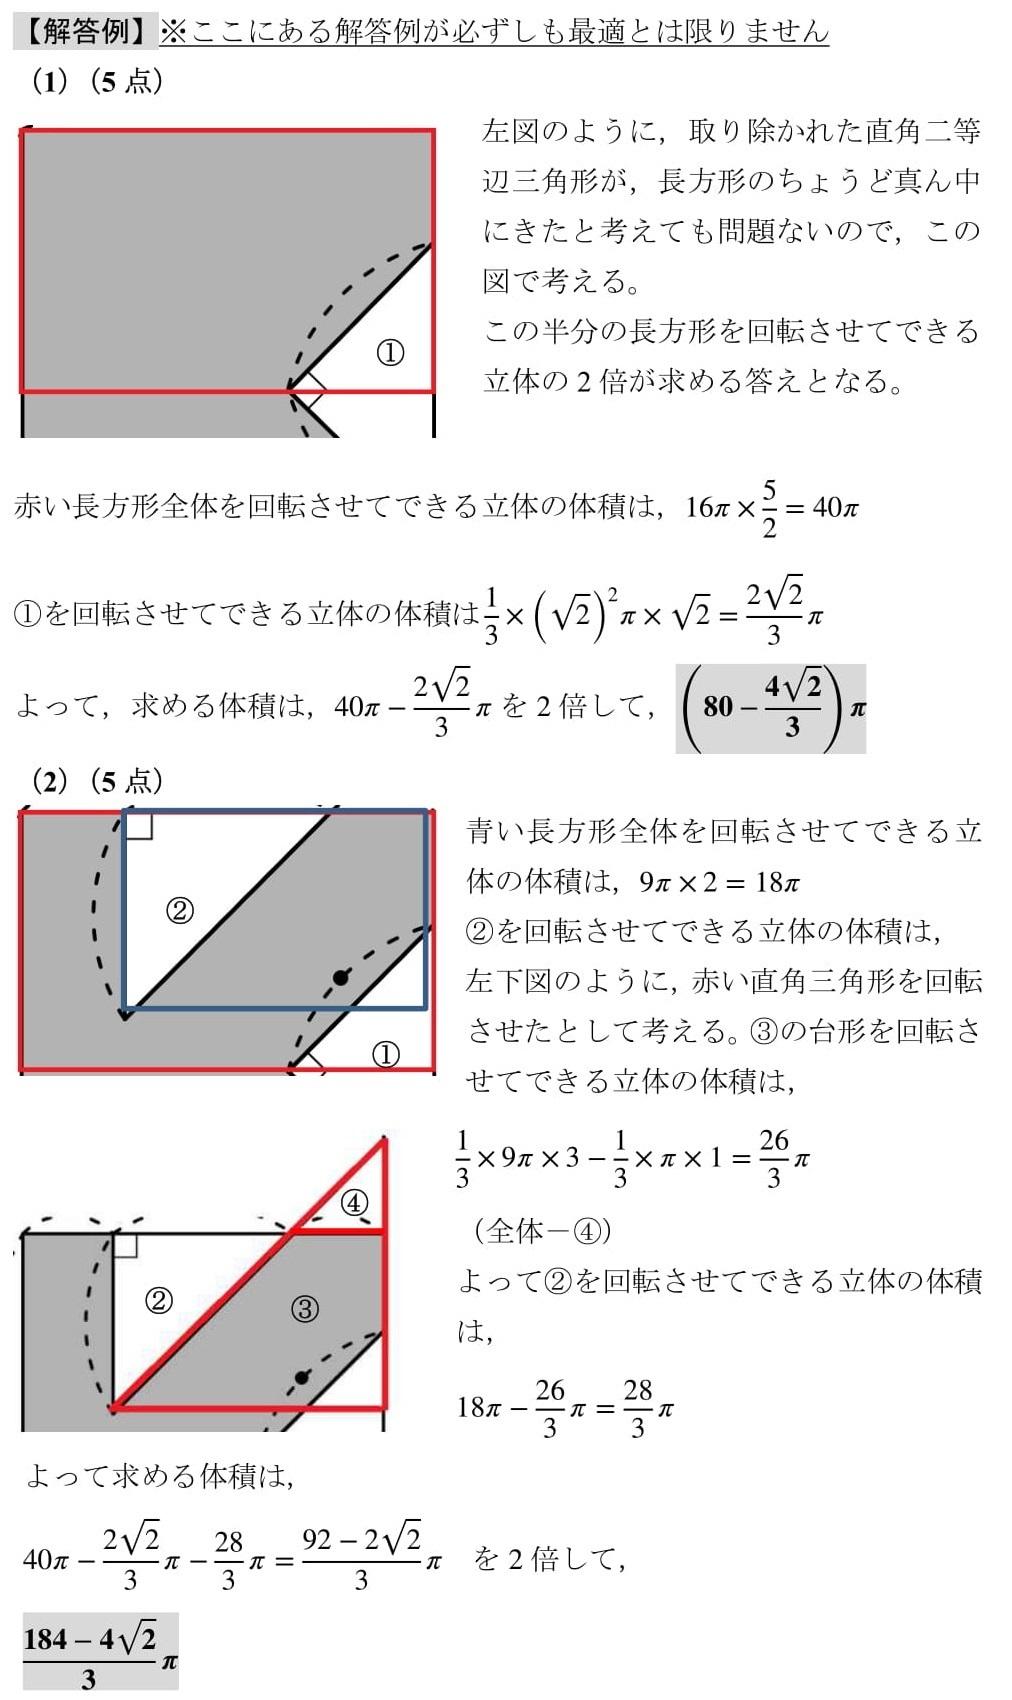 2021 鎌倉学園 高校入試 数学 回転体 難問 解答 解説